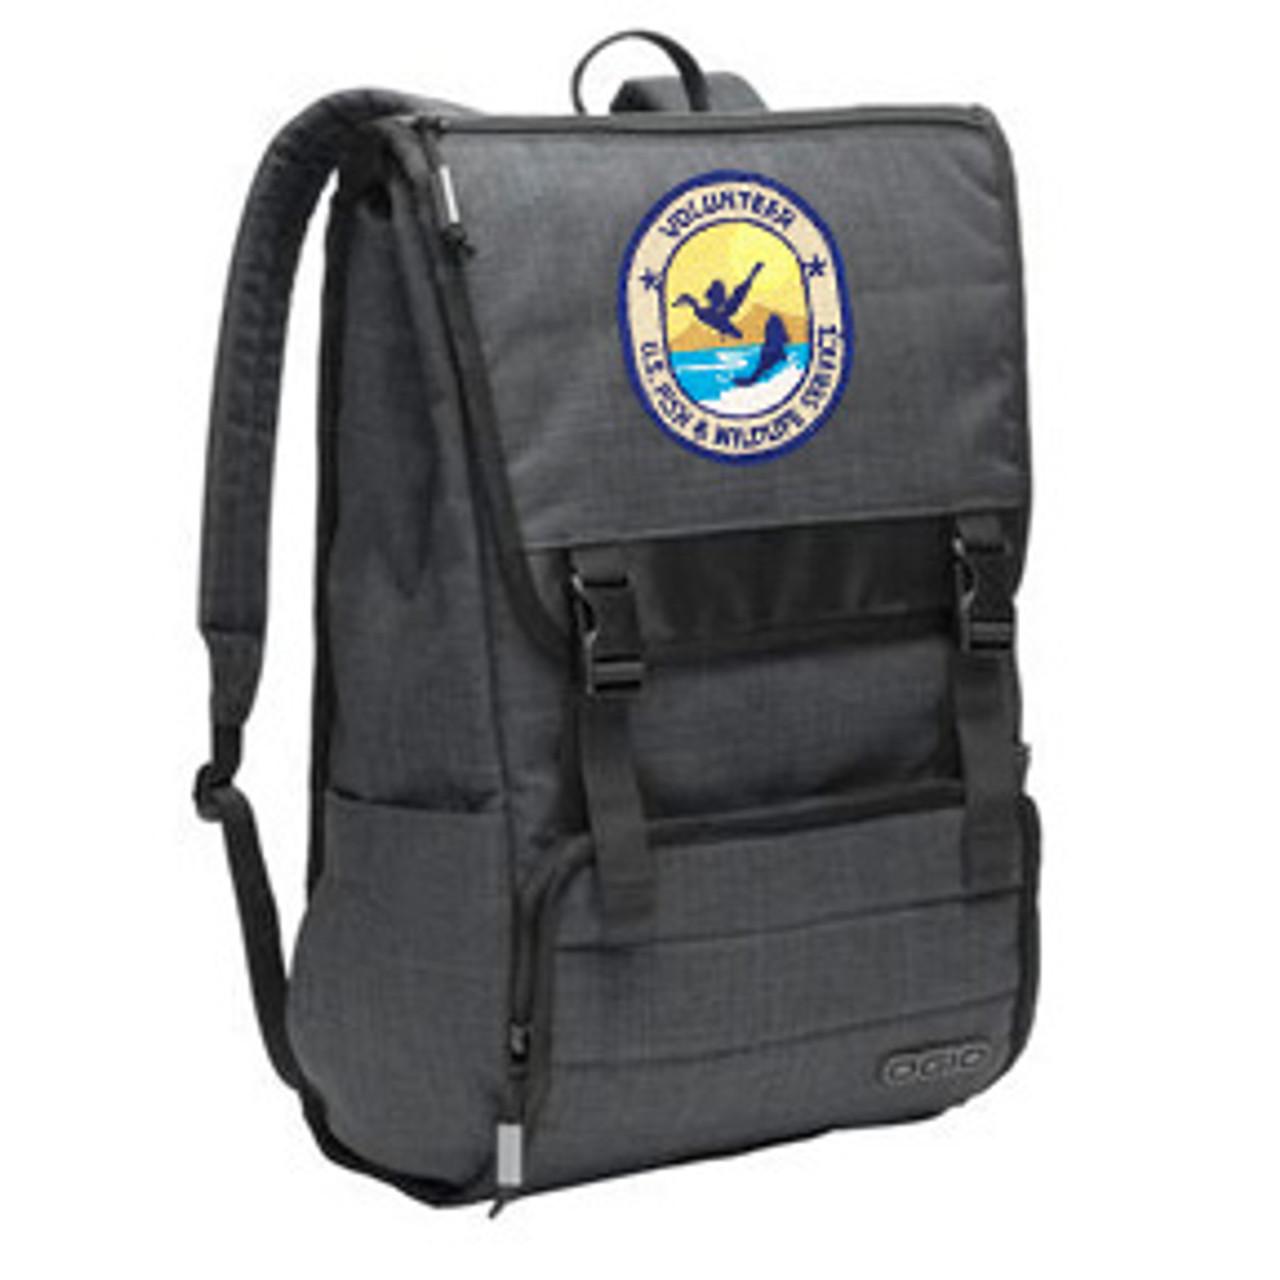 OGIO Compu-pack Backpack (NM)